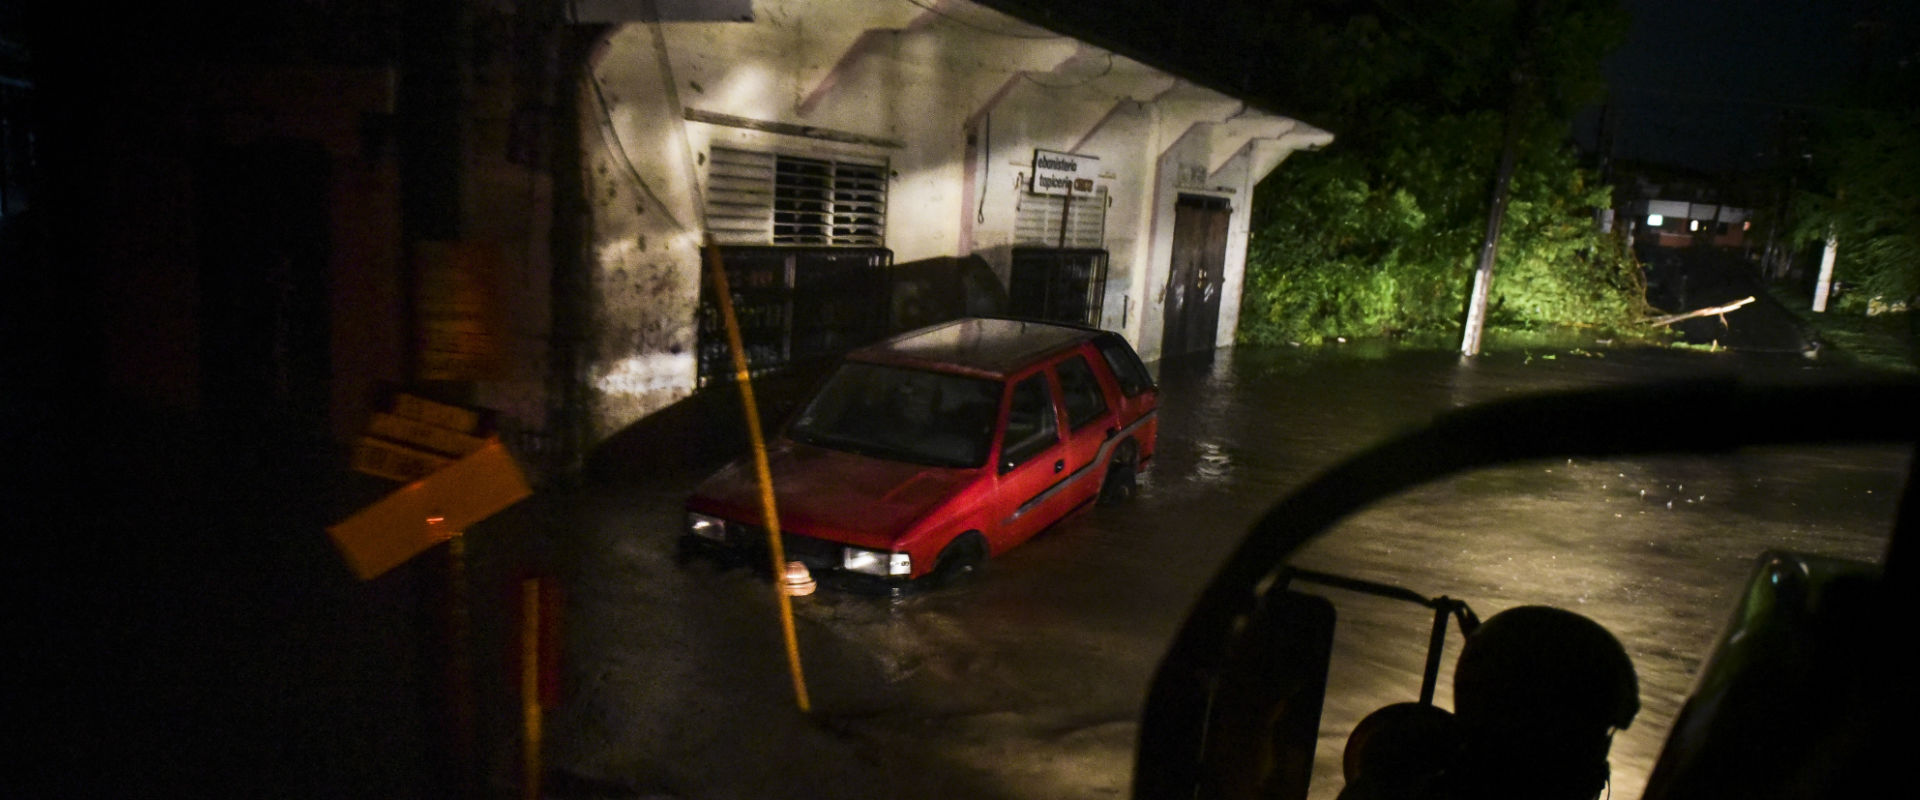 הצפות באיים הקריביים בעקבות הוריקן אירמה